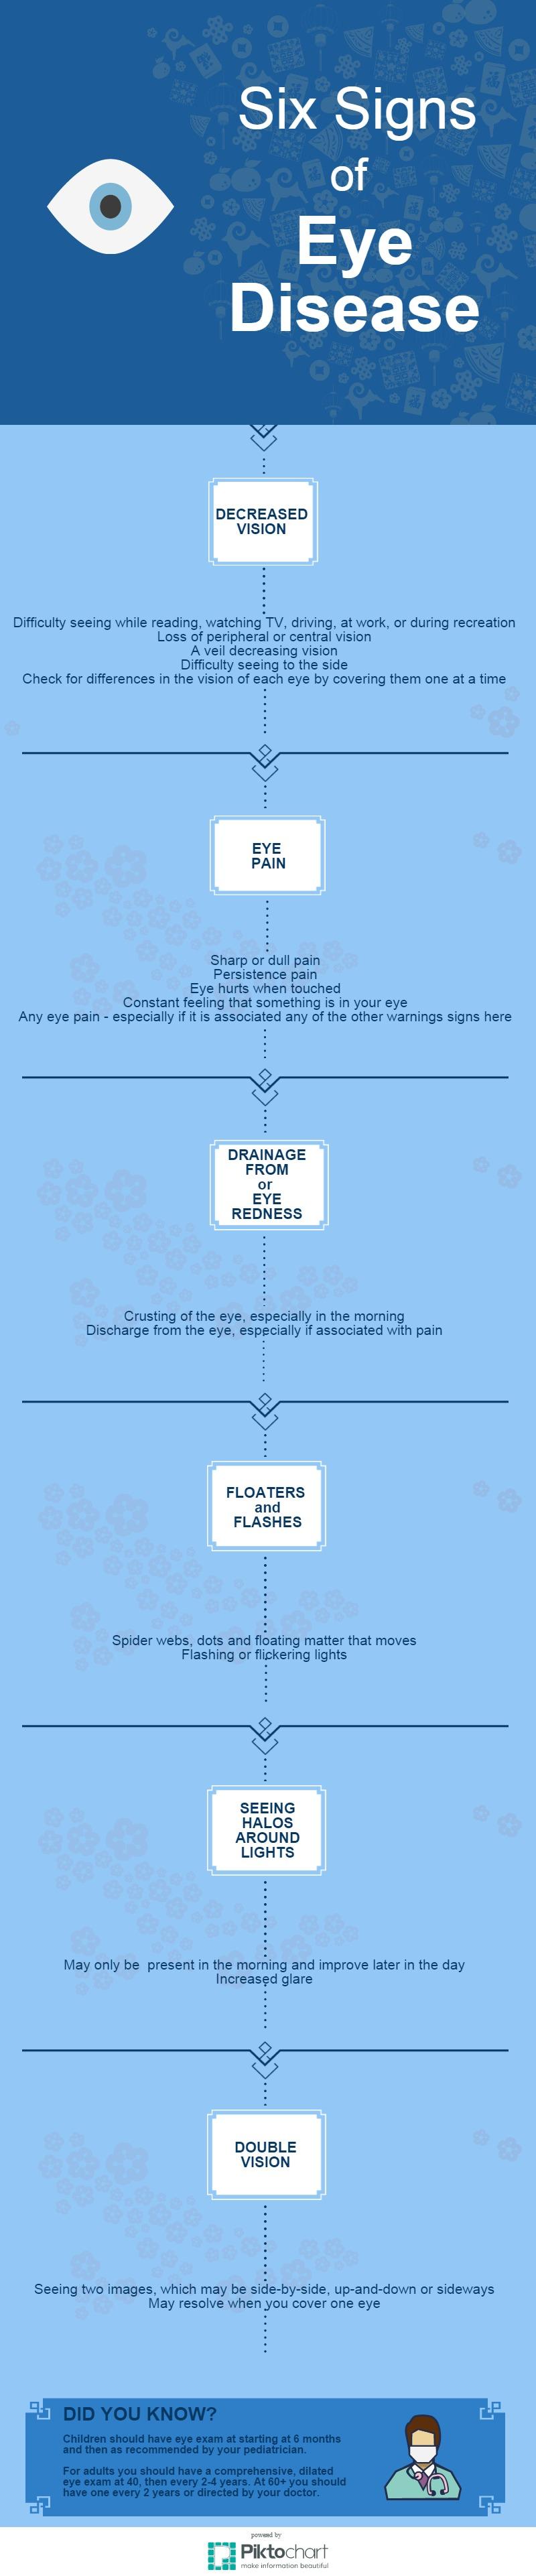 6 signs of eye disease